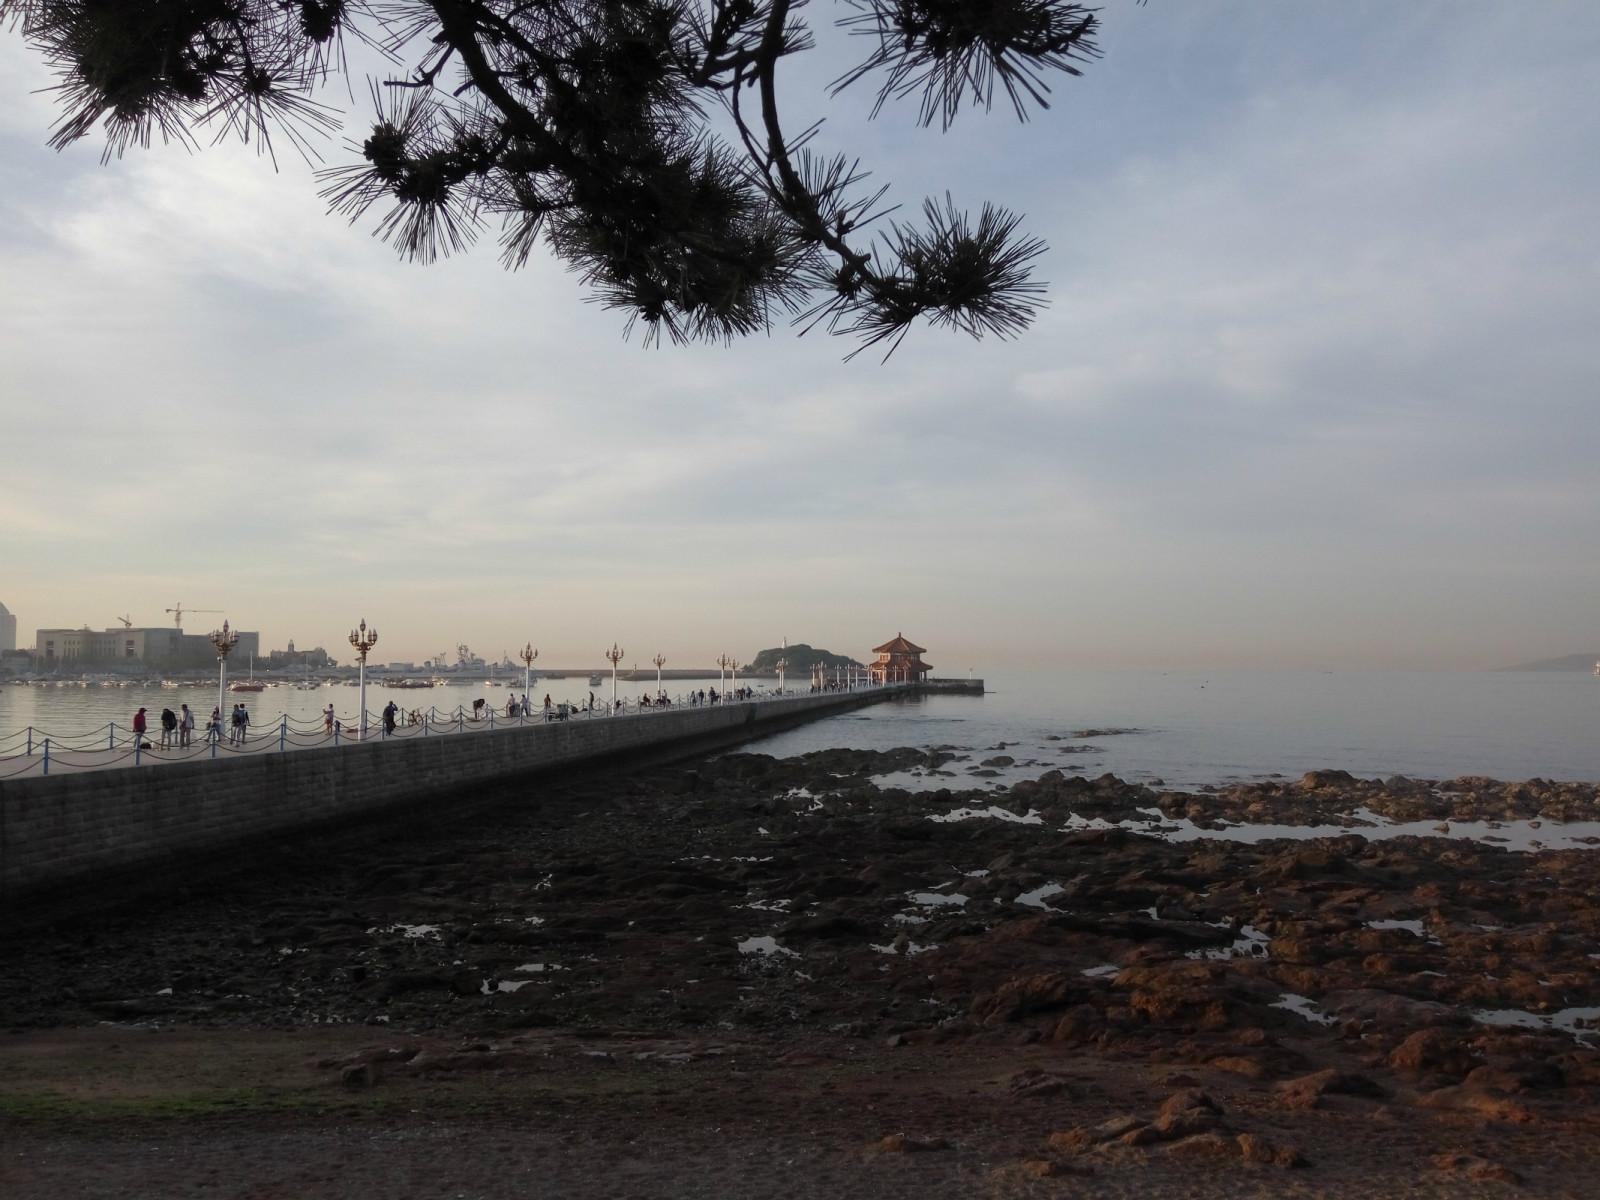 黄昏的青岛湾,景色依旧是那样的迷人.